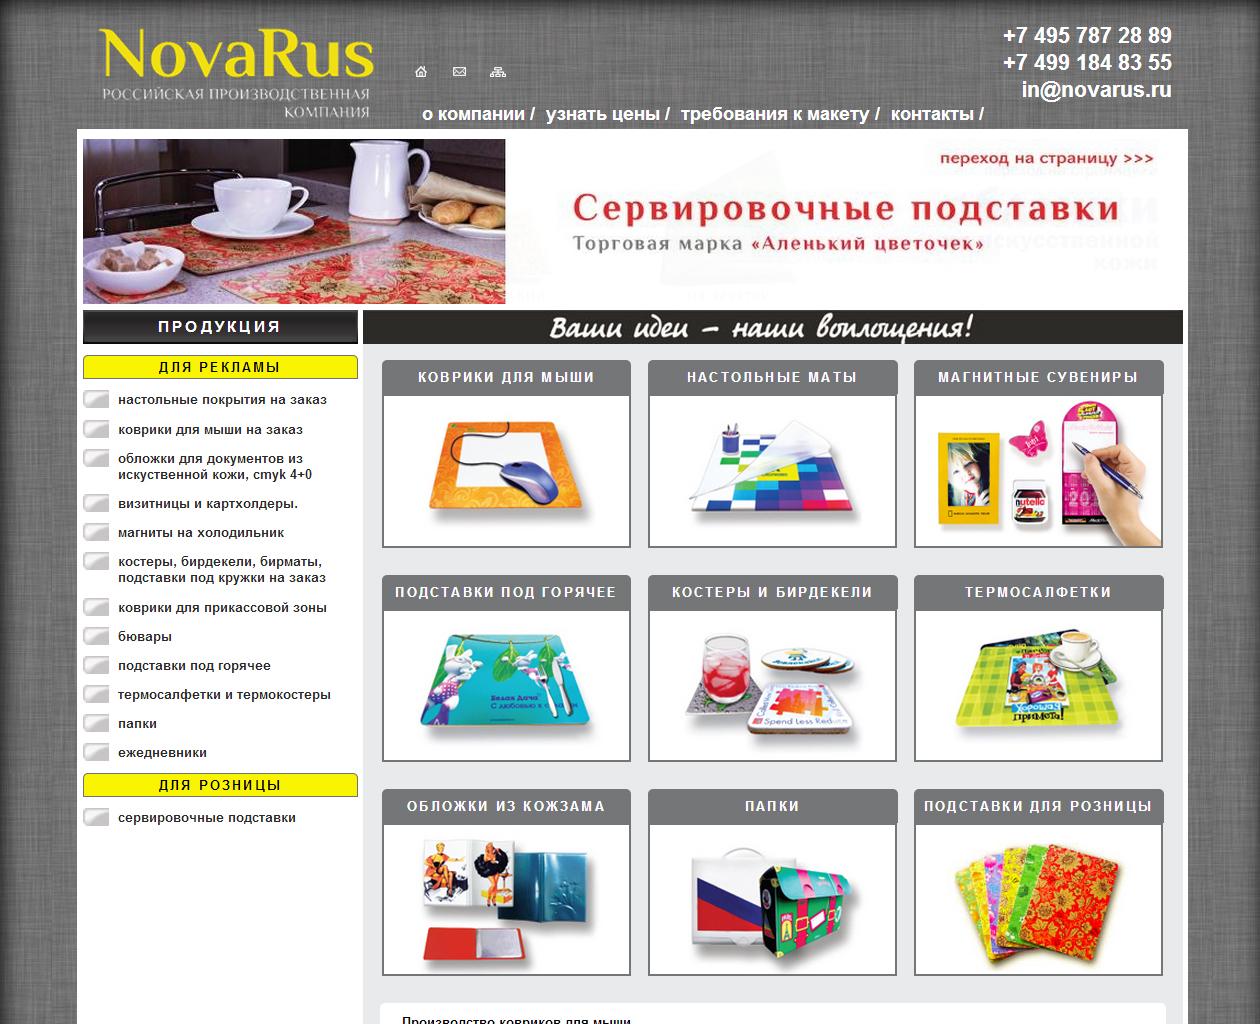 Сайт российской производственной компании NovaRus (Москва)